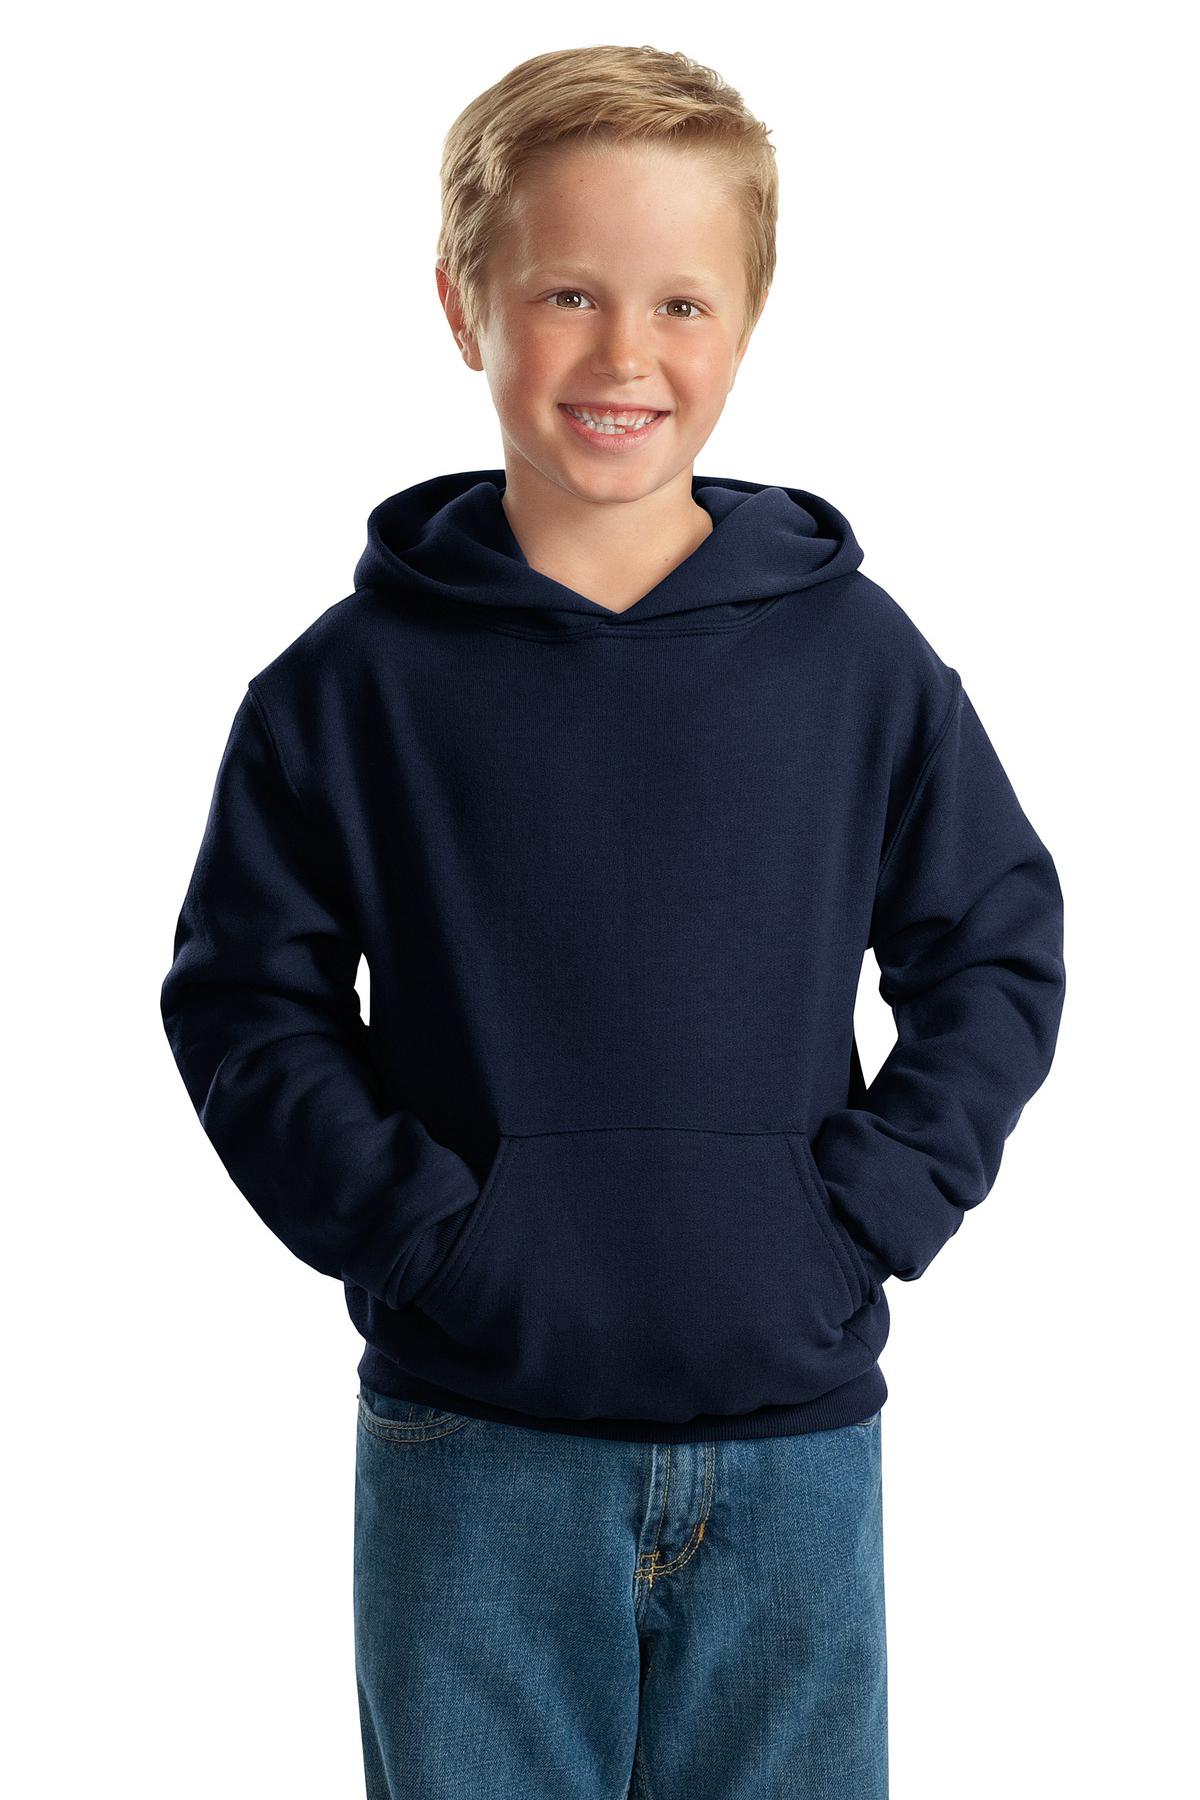 Sweatshirts-Fleece-Hooded-2